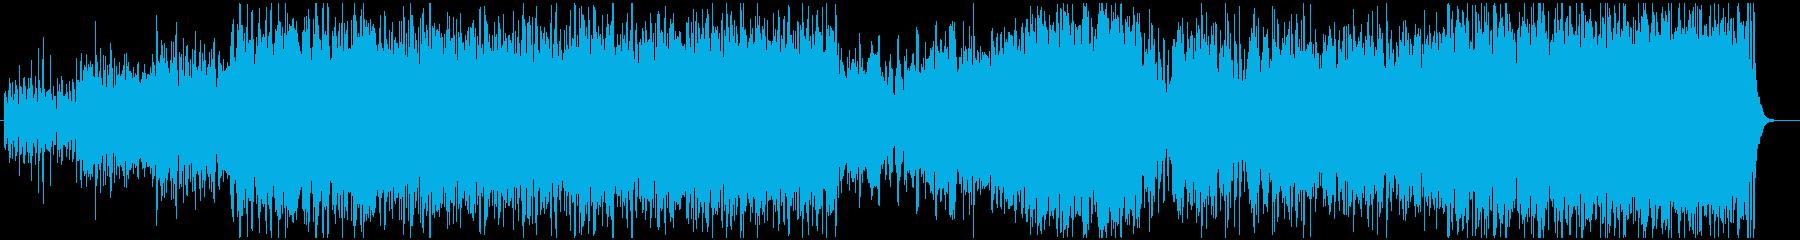 ケルトの再生済みの波形